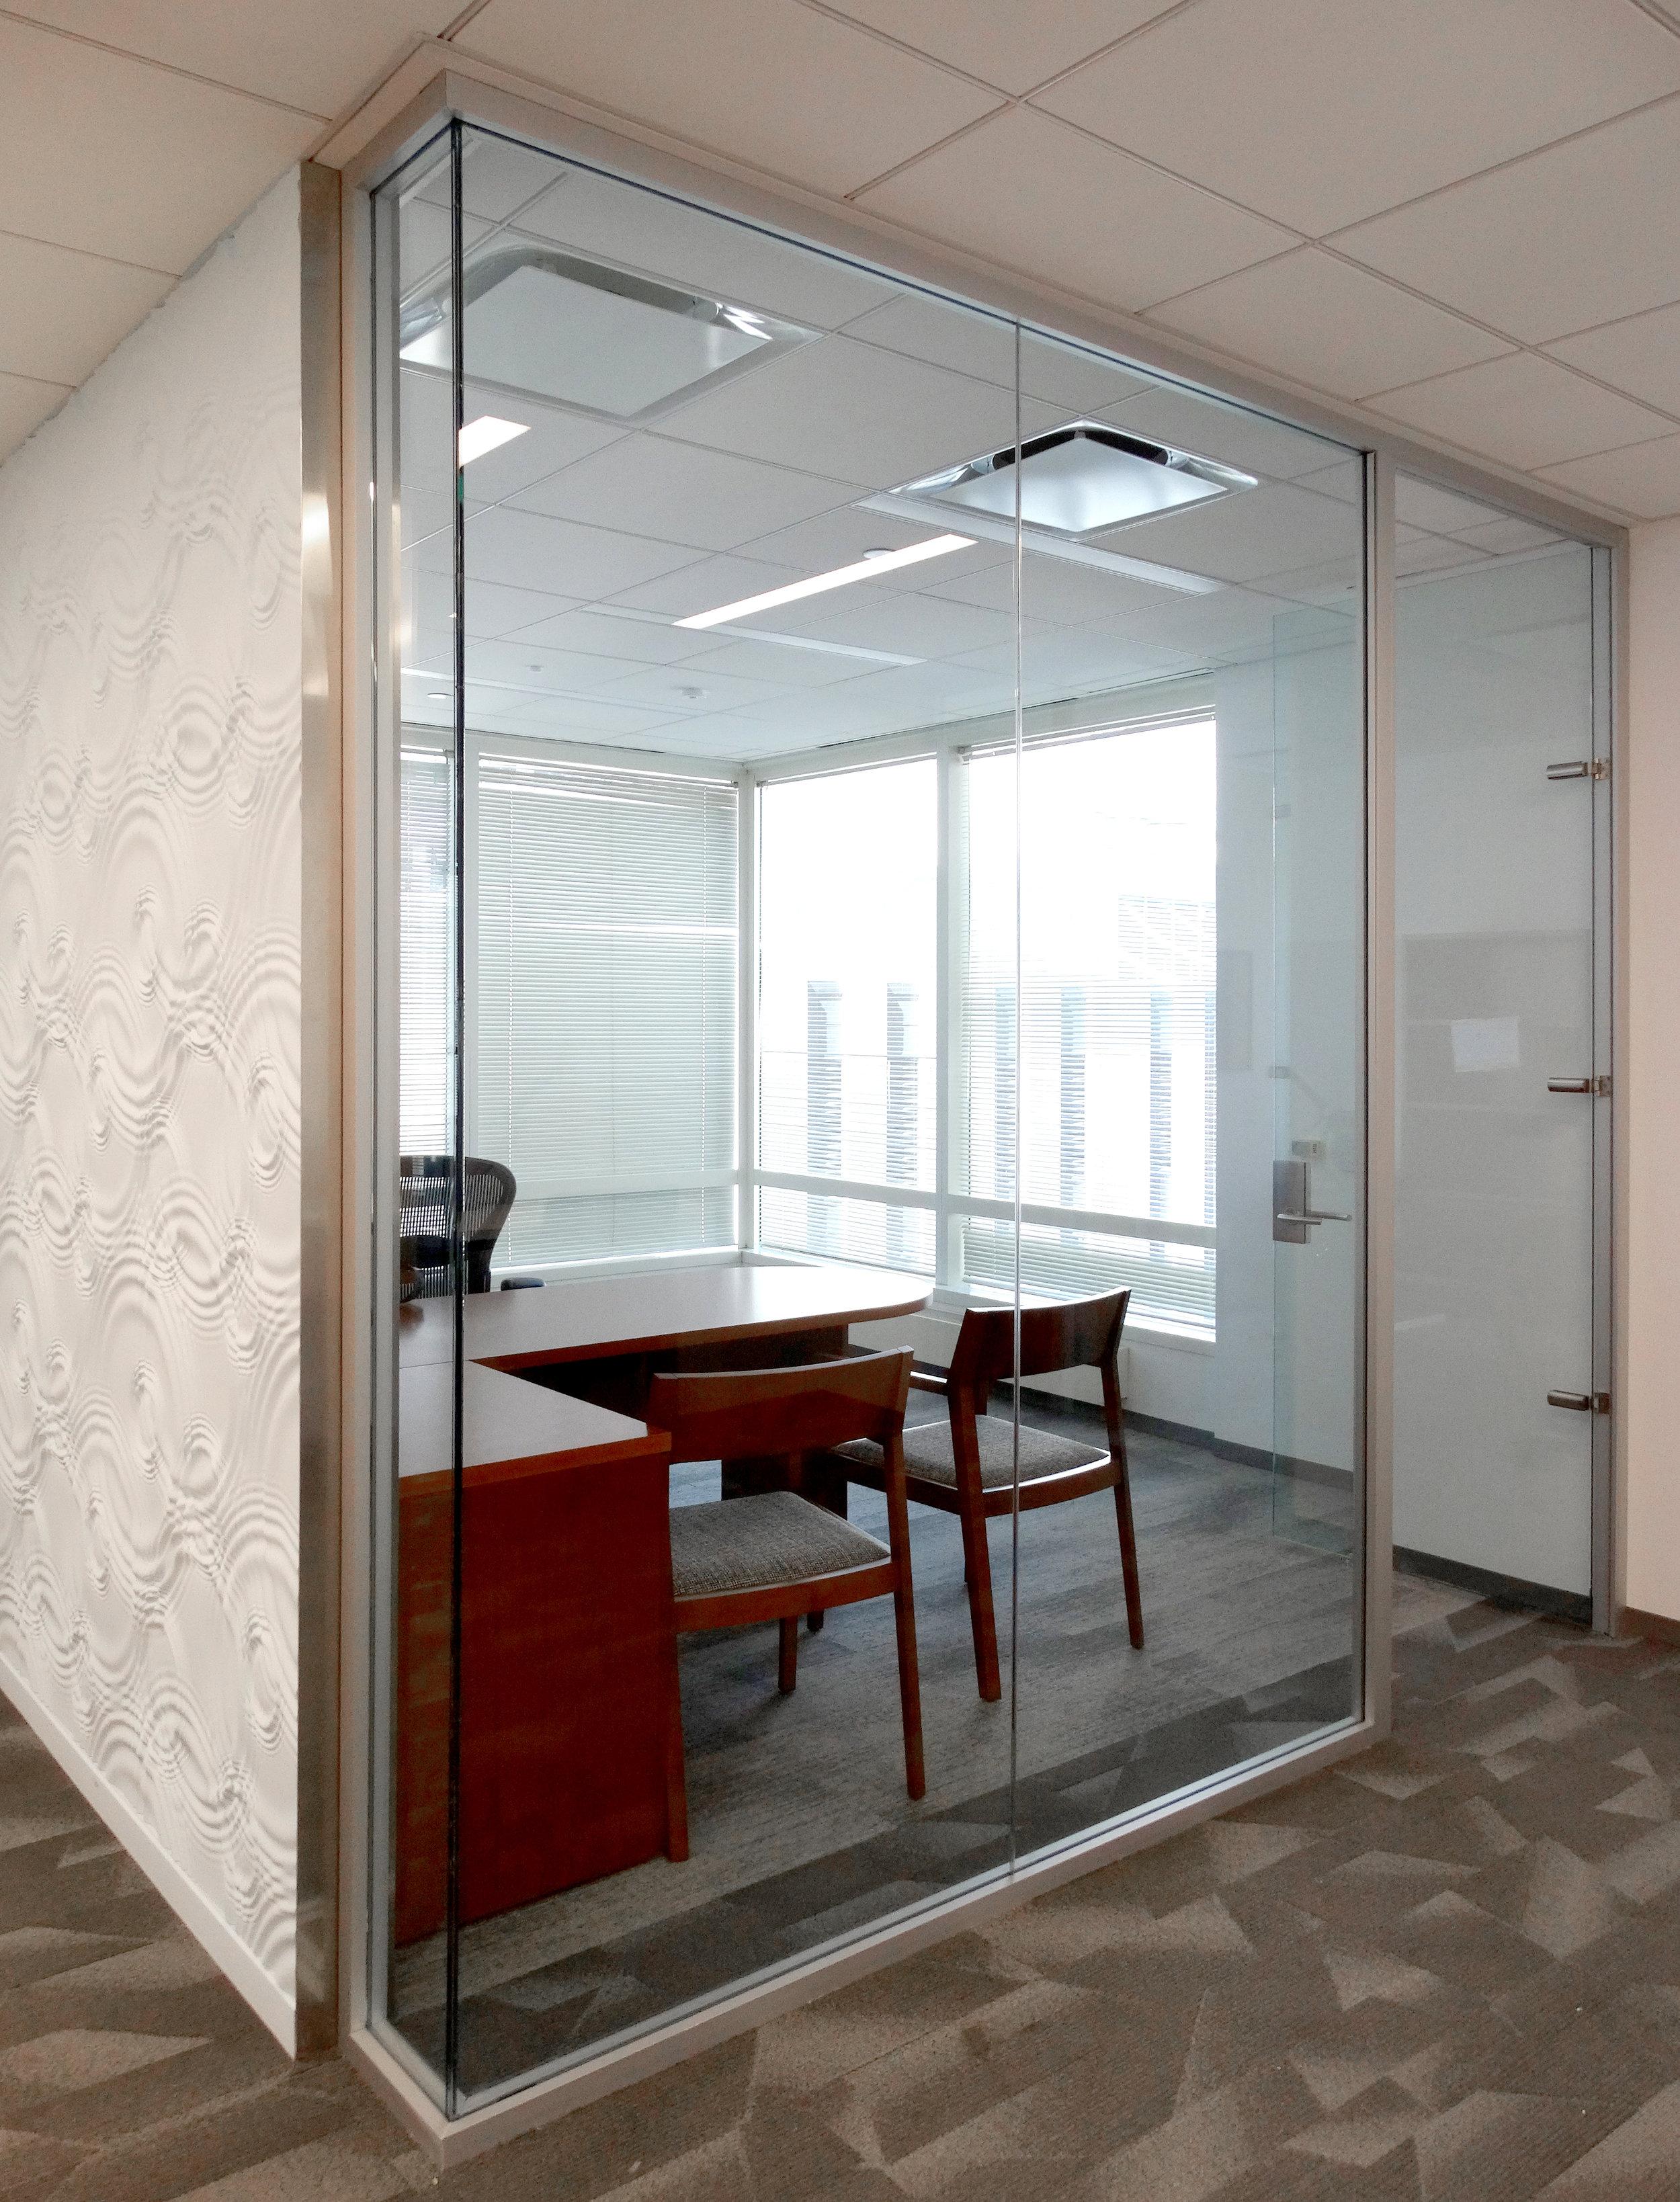 Litespace Aluminum Framed Glass Office Front Corner Turn - Spaceworks AI.jpg